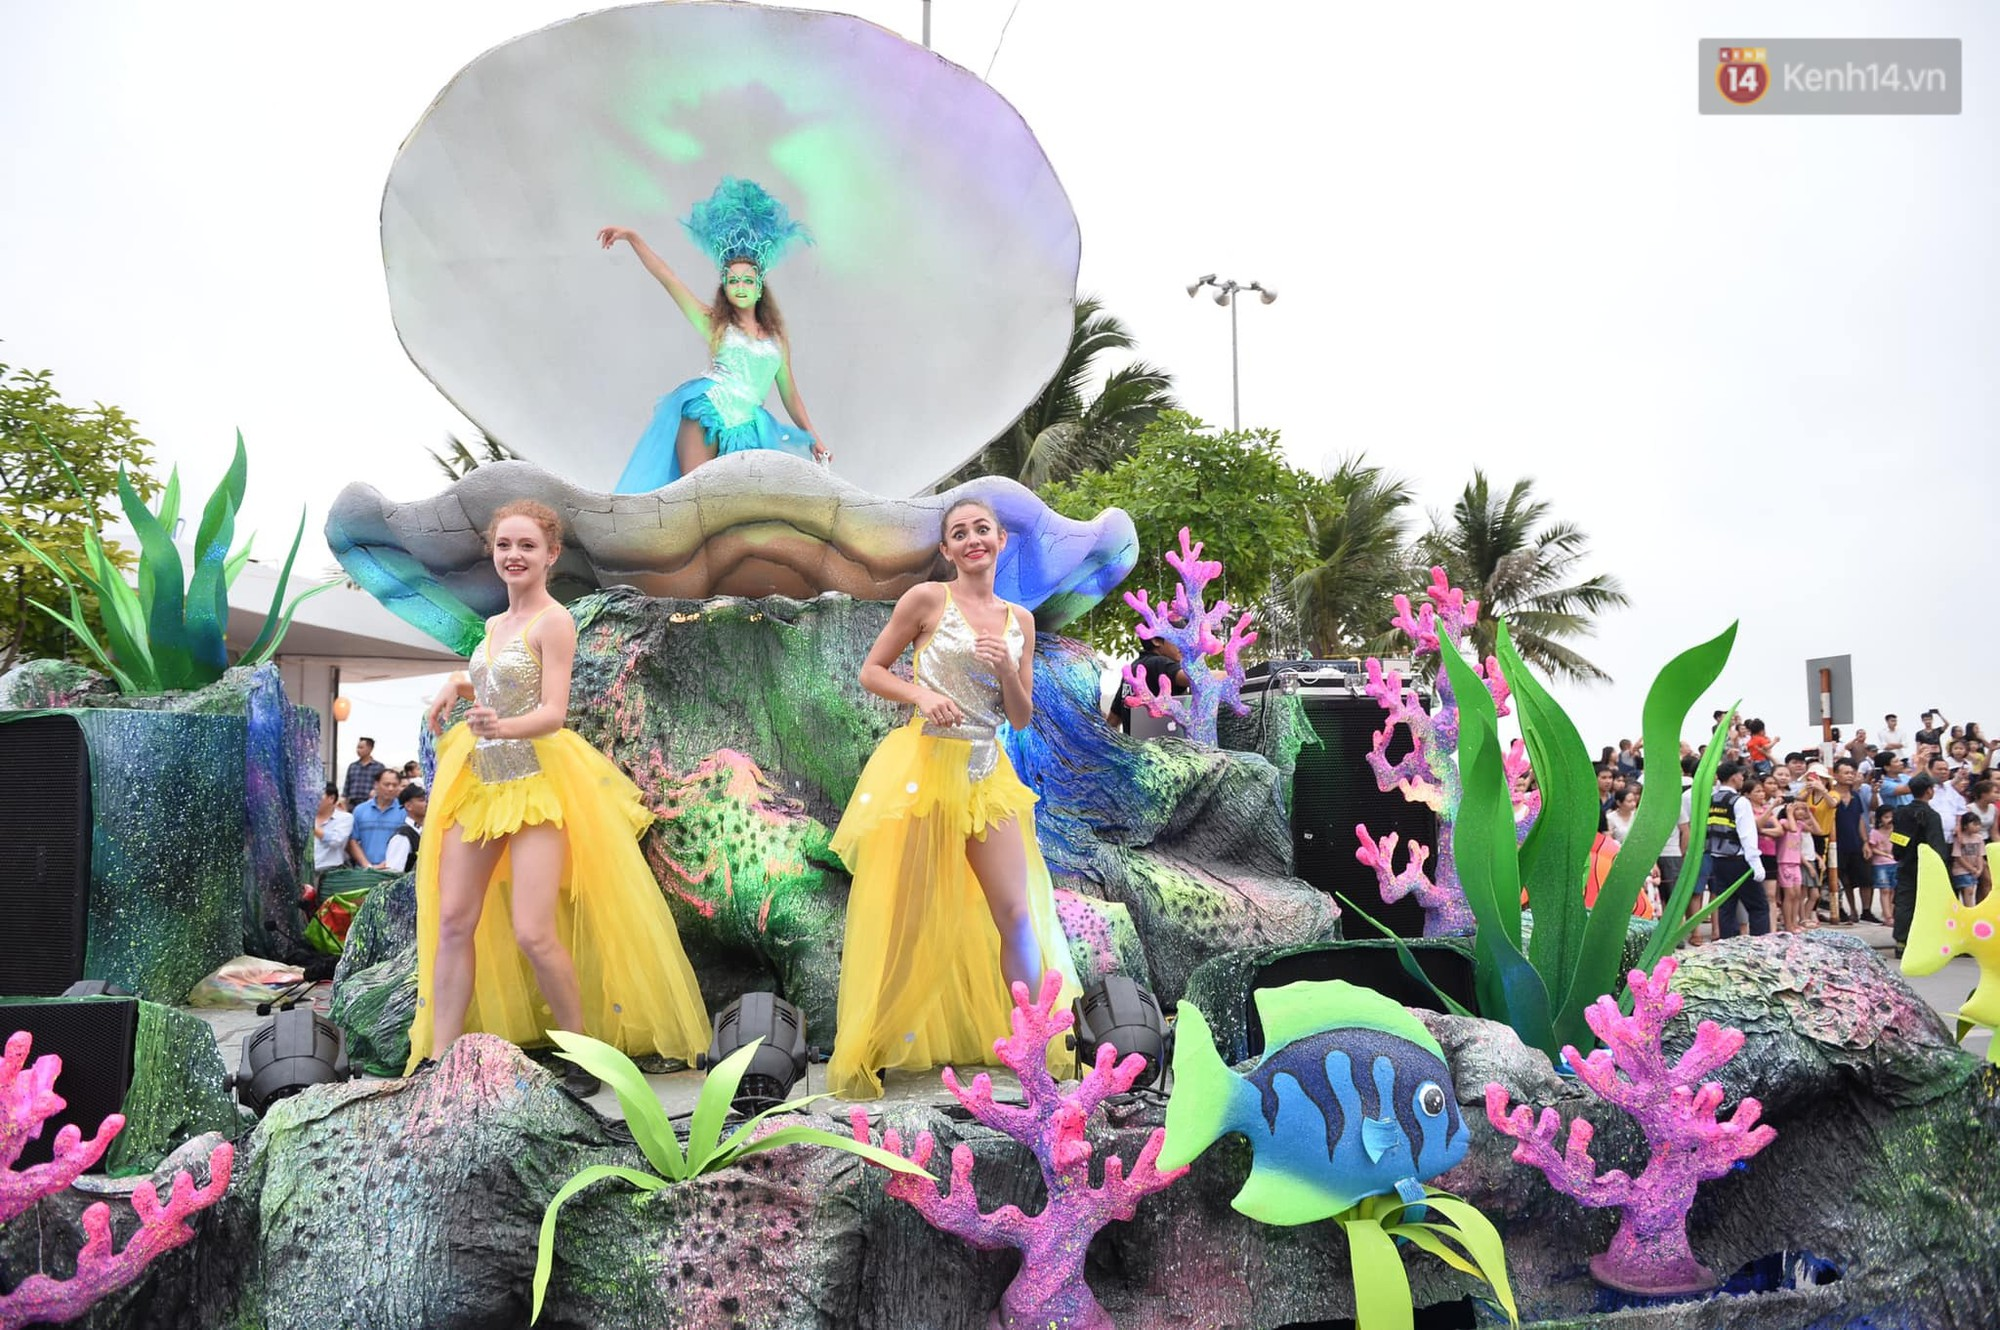 Màn Canaval sinh động và giao lưu với khán giả ấn tượng tại lễ hội du lịch biển Sầm Sơn - Ảnh 3.